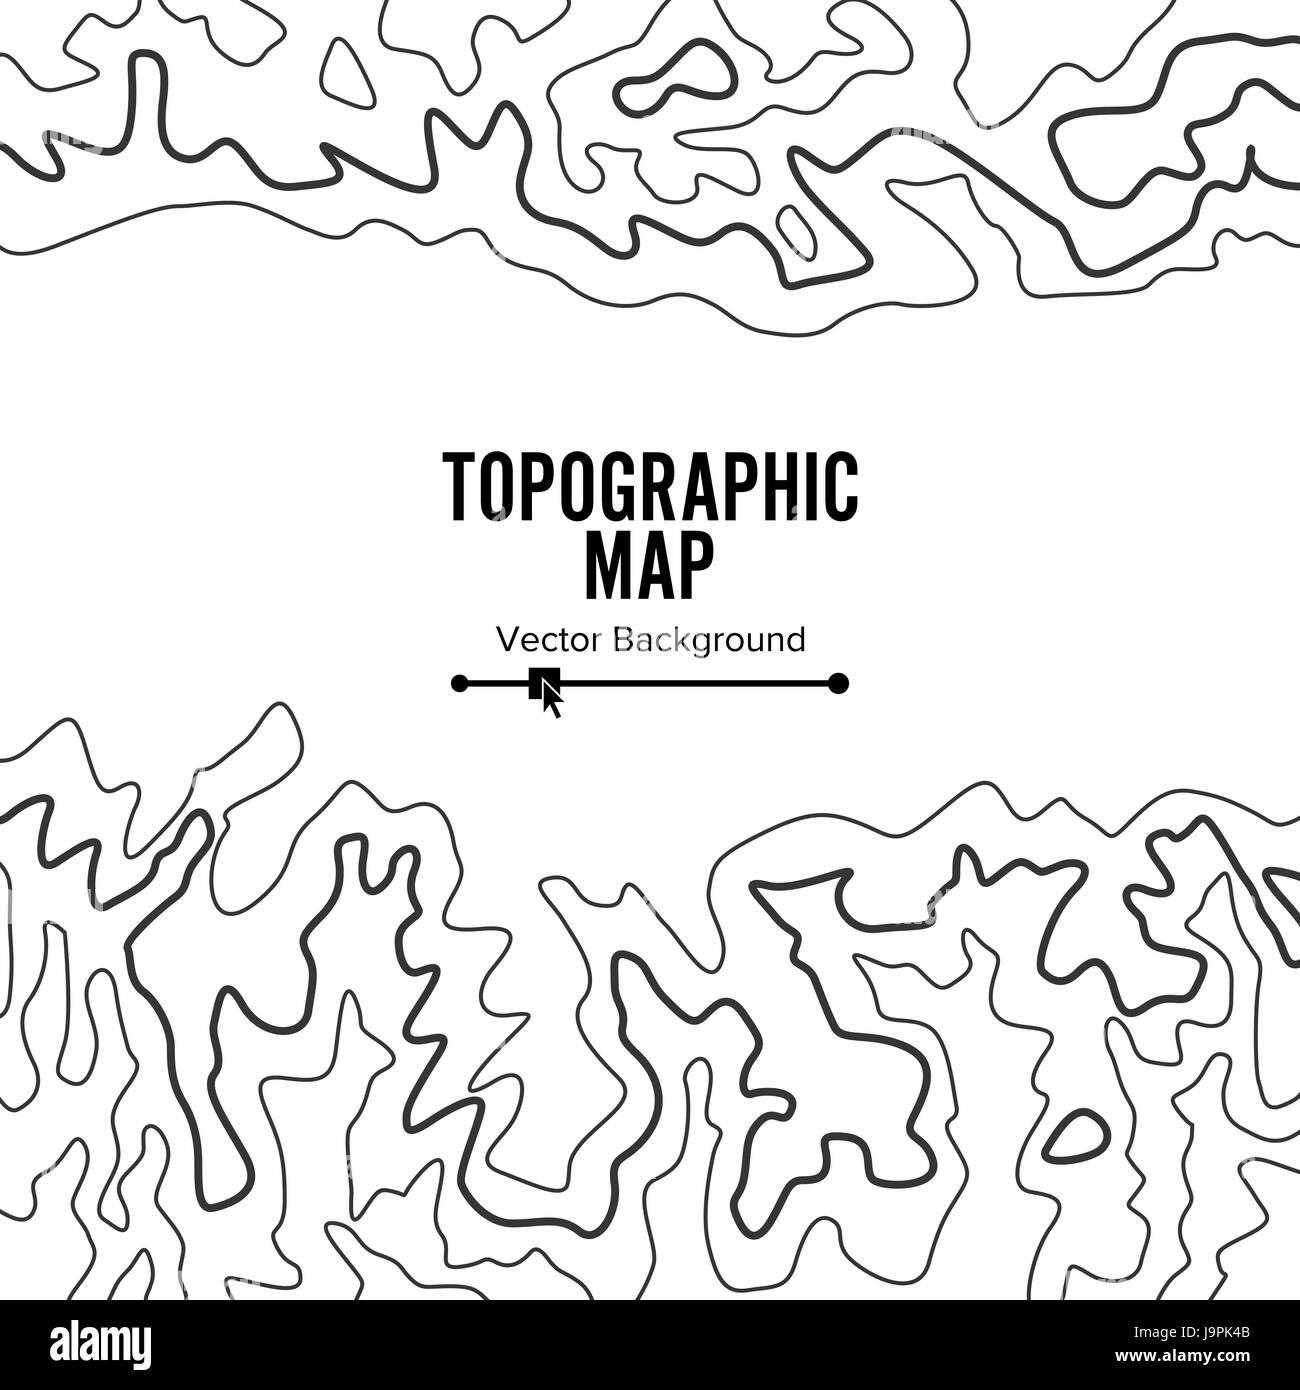 Carte topographique de contour Vector. Géographie Toile ondulée. La cartographie Concept graphique. Photo Stock